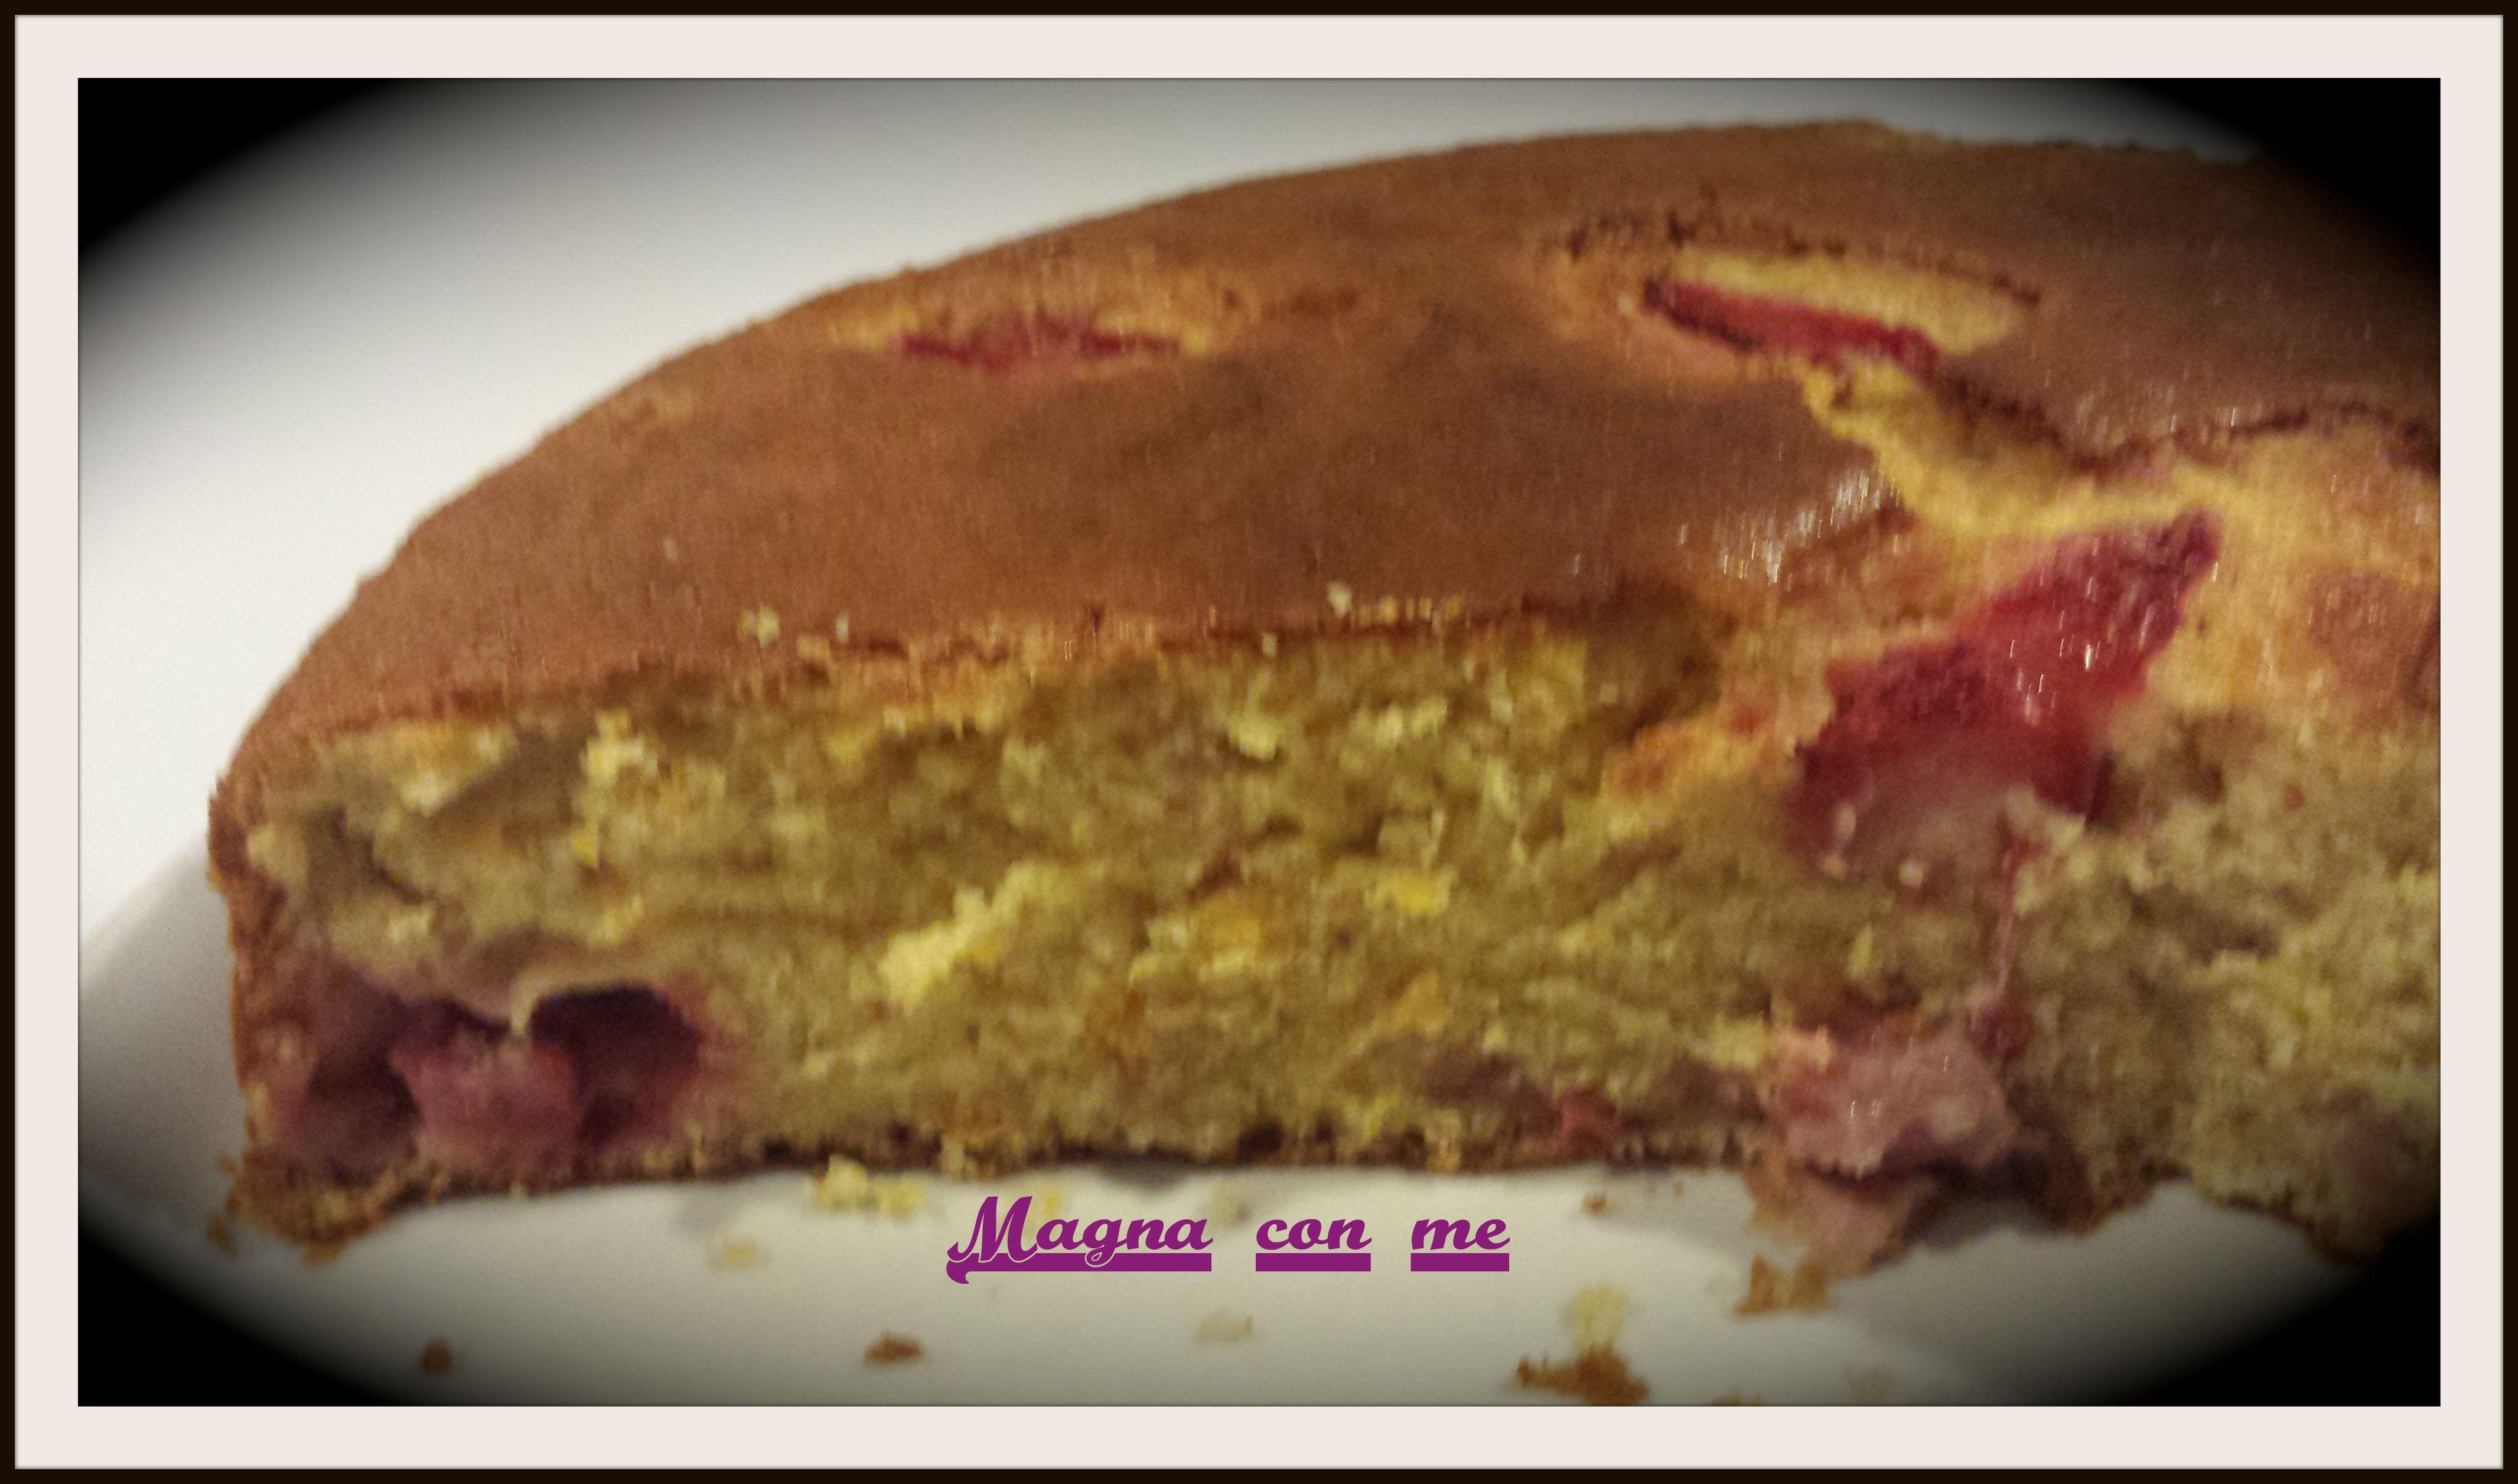 Pan d'arancia fragolato http://blog.giallozafferano.it/magnaconme/pan-darancia-fragolato/